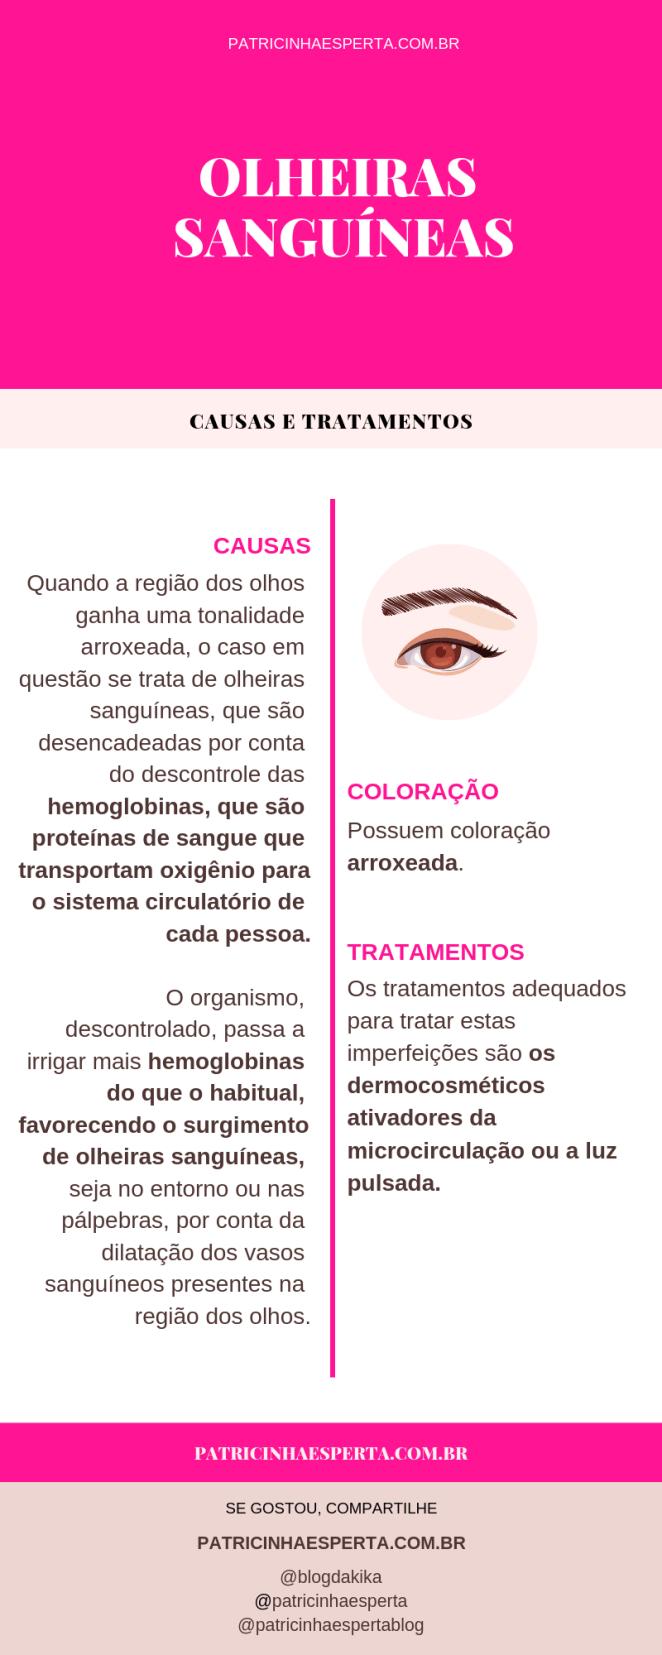 olheiras sanguinias - Como Tirar Olheiras - Tratamentos, Receitas Caseiras, Causas, Vídeos